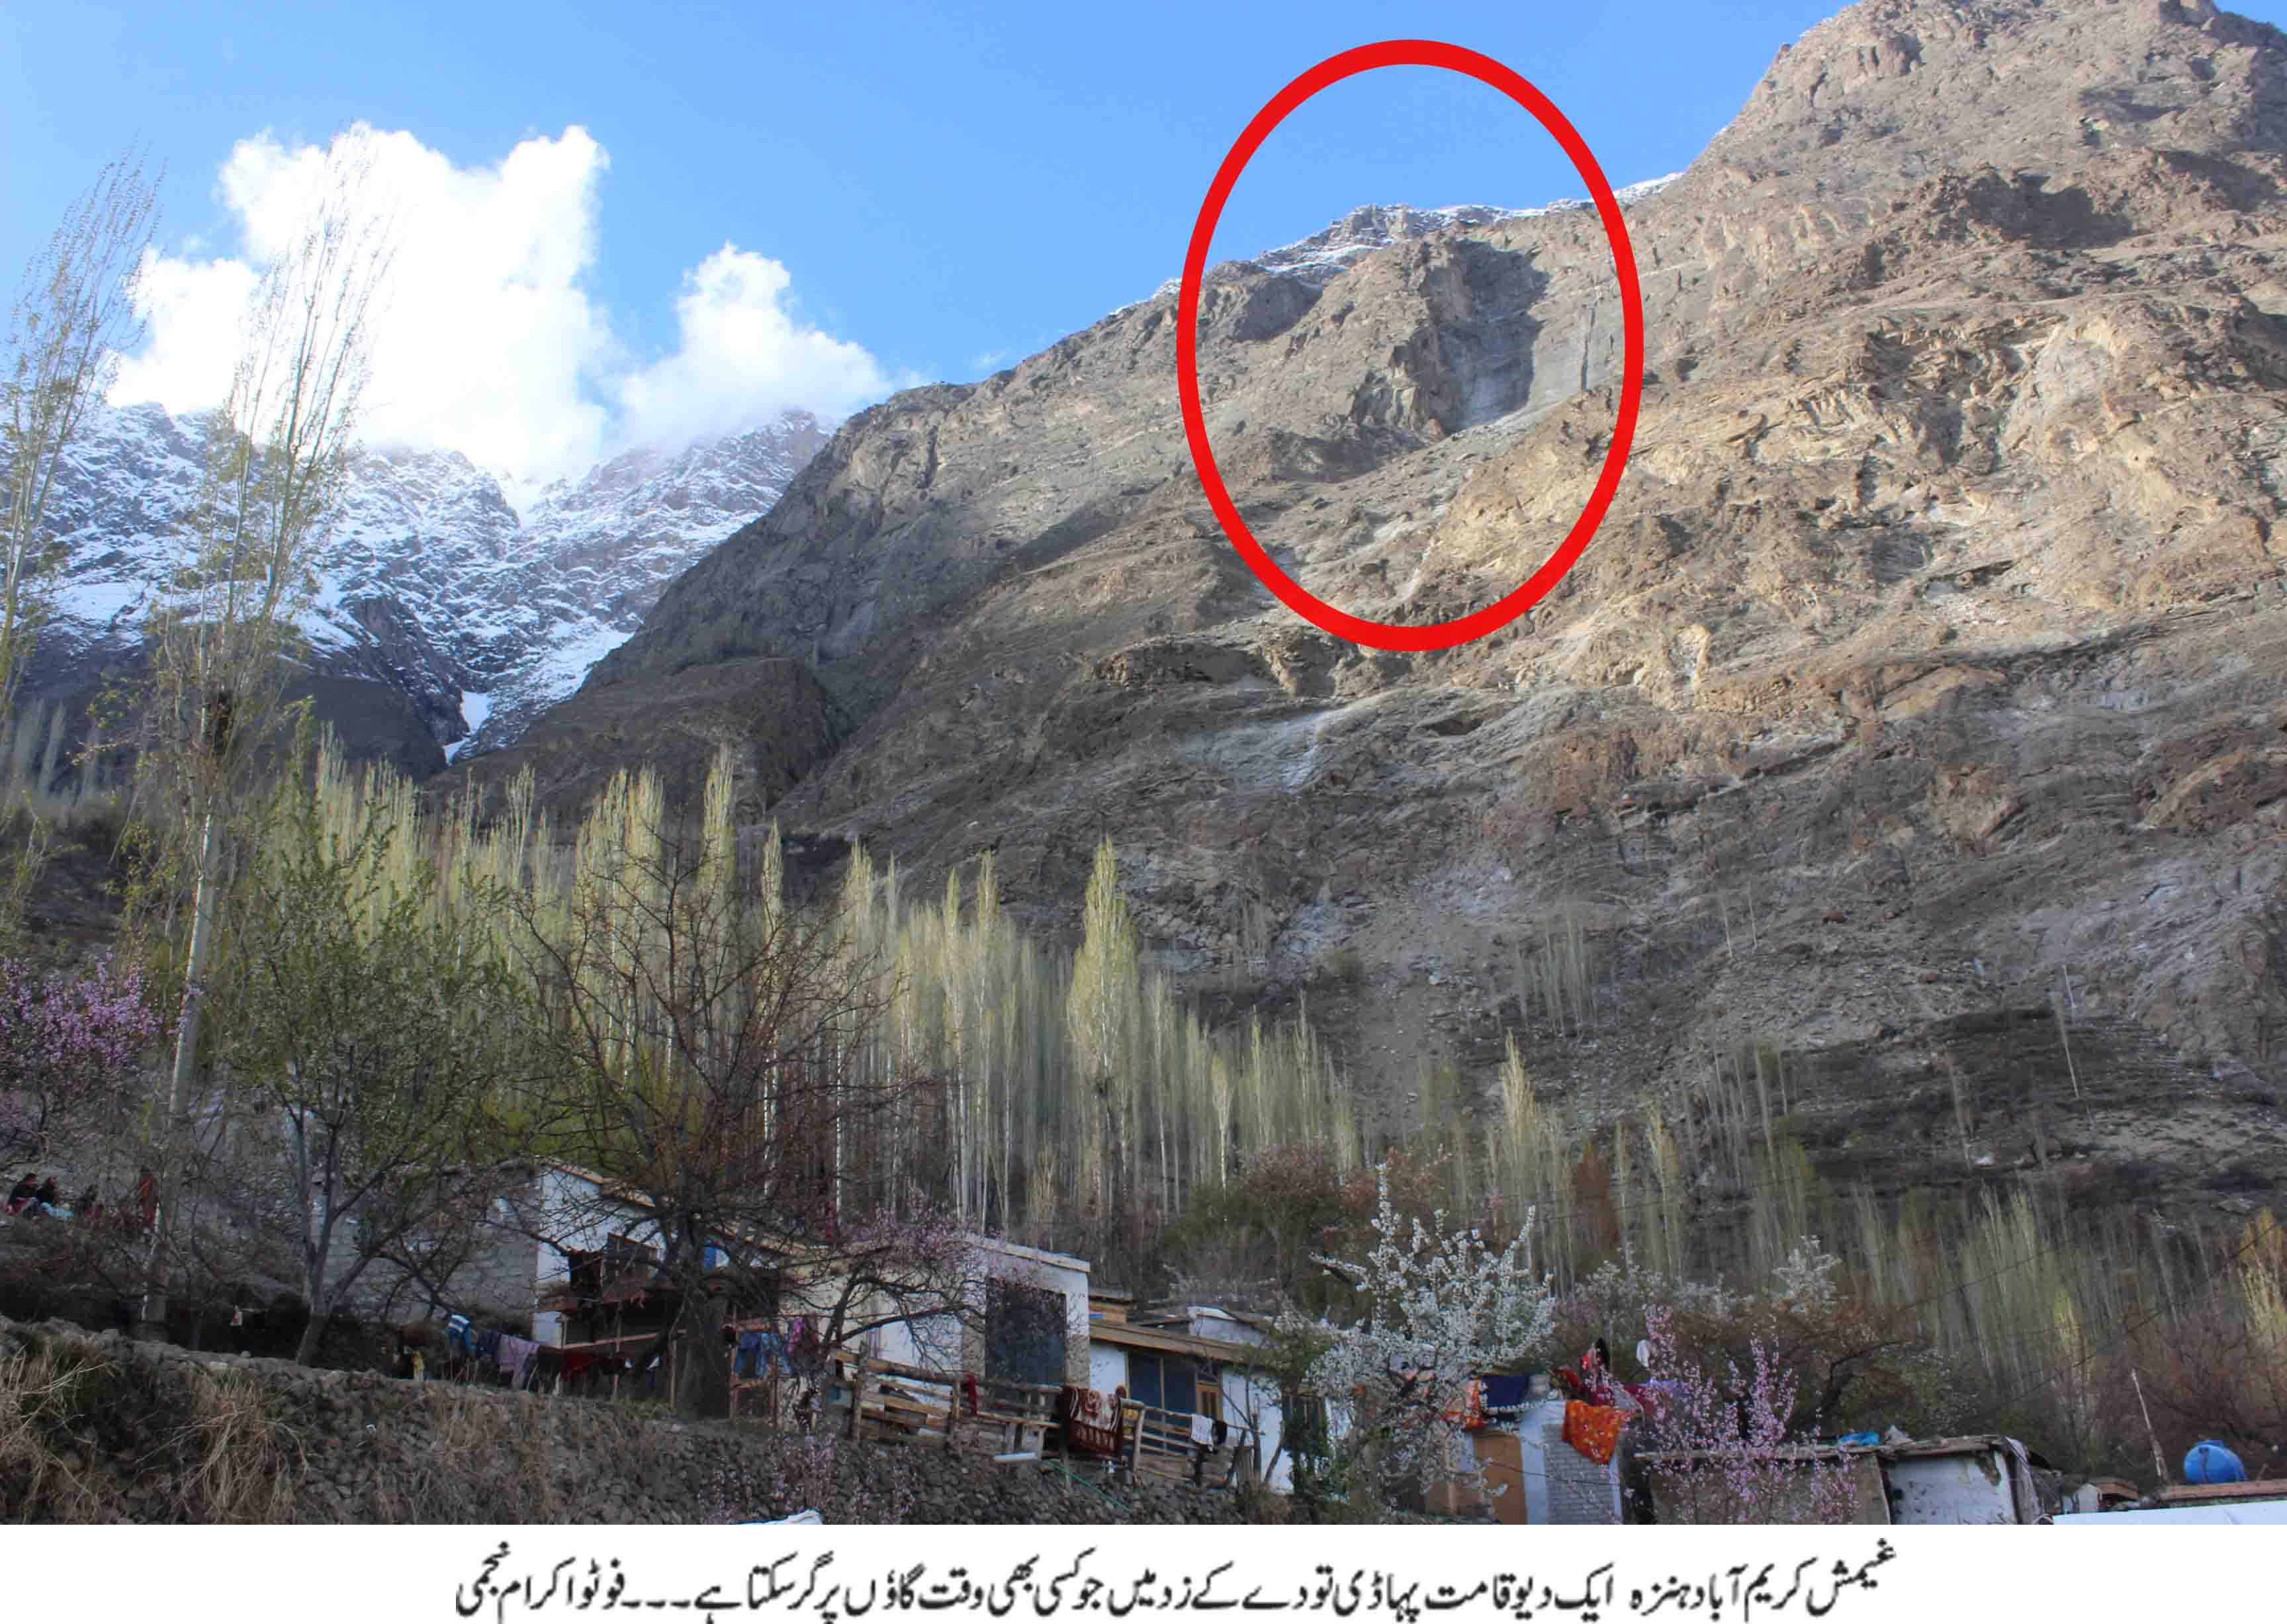 کریم آباد ہنزہ کے شمال میں واقع غمیش گاوں 'پہاڑی تودے کی زد پر ہے'، حکومت اور فوکس پاکستان سروے کرے، مطالبہ